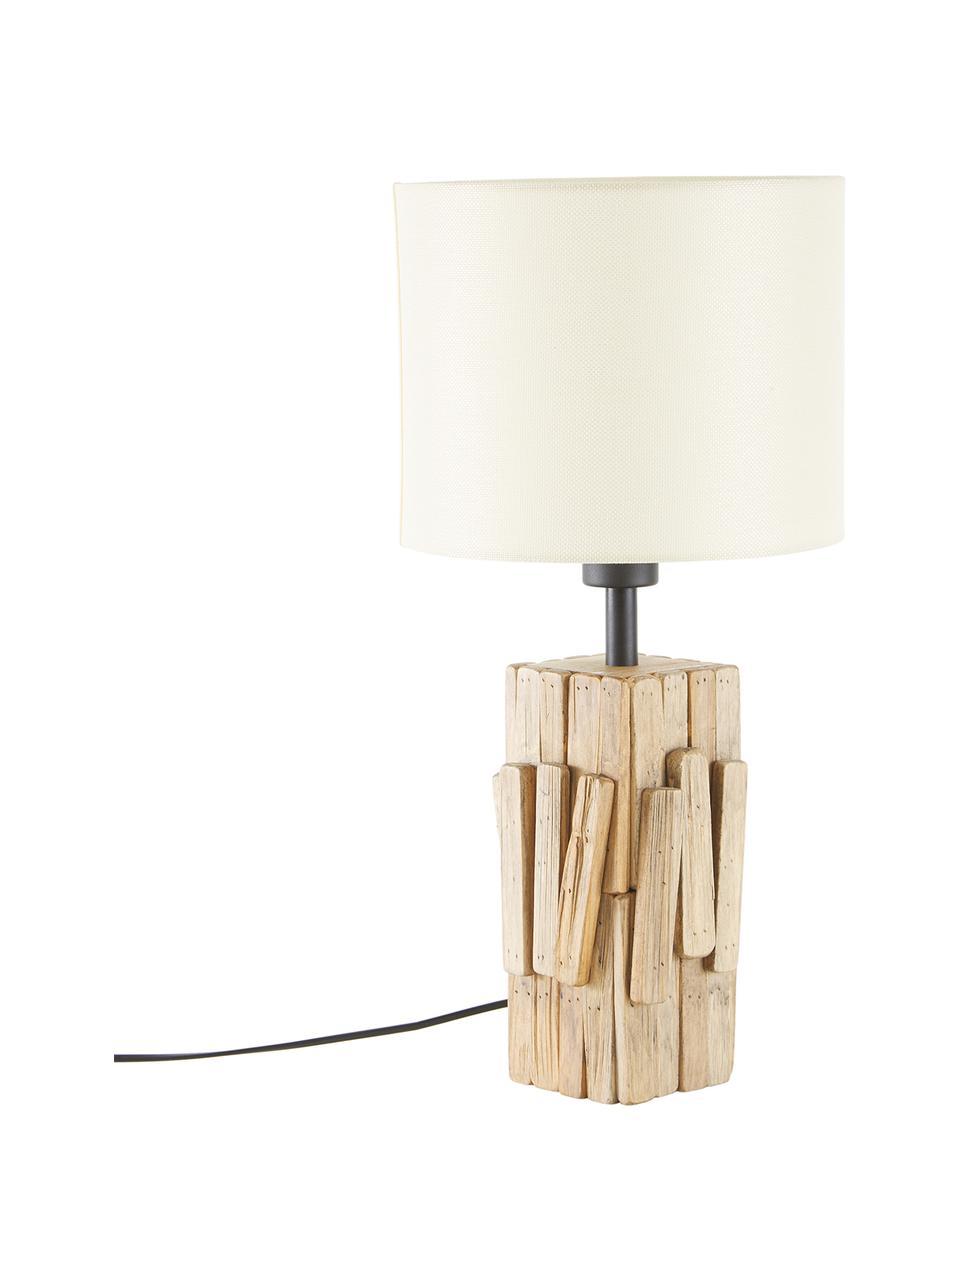 Große Tischlampe Portishead mit Holzfuß, Lampenschirm: Leinen, Lampenfuß: Holz, Braun, Weiß, Ø 26 x H 54 cm